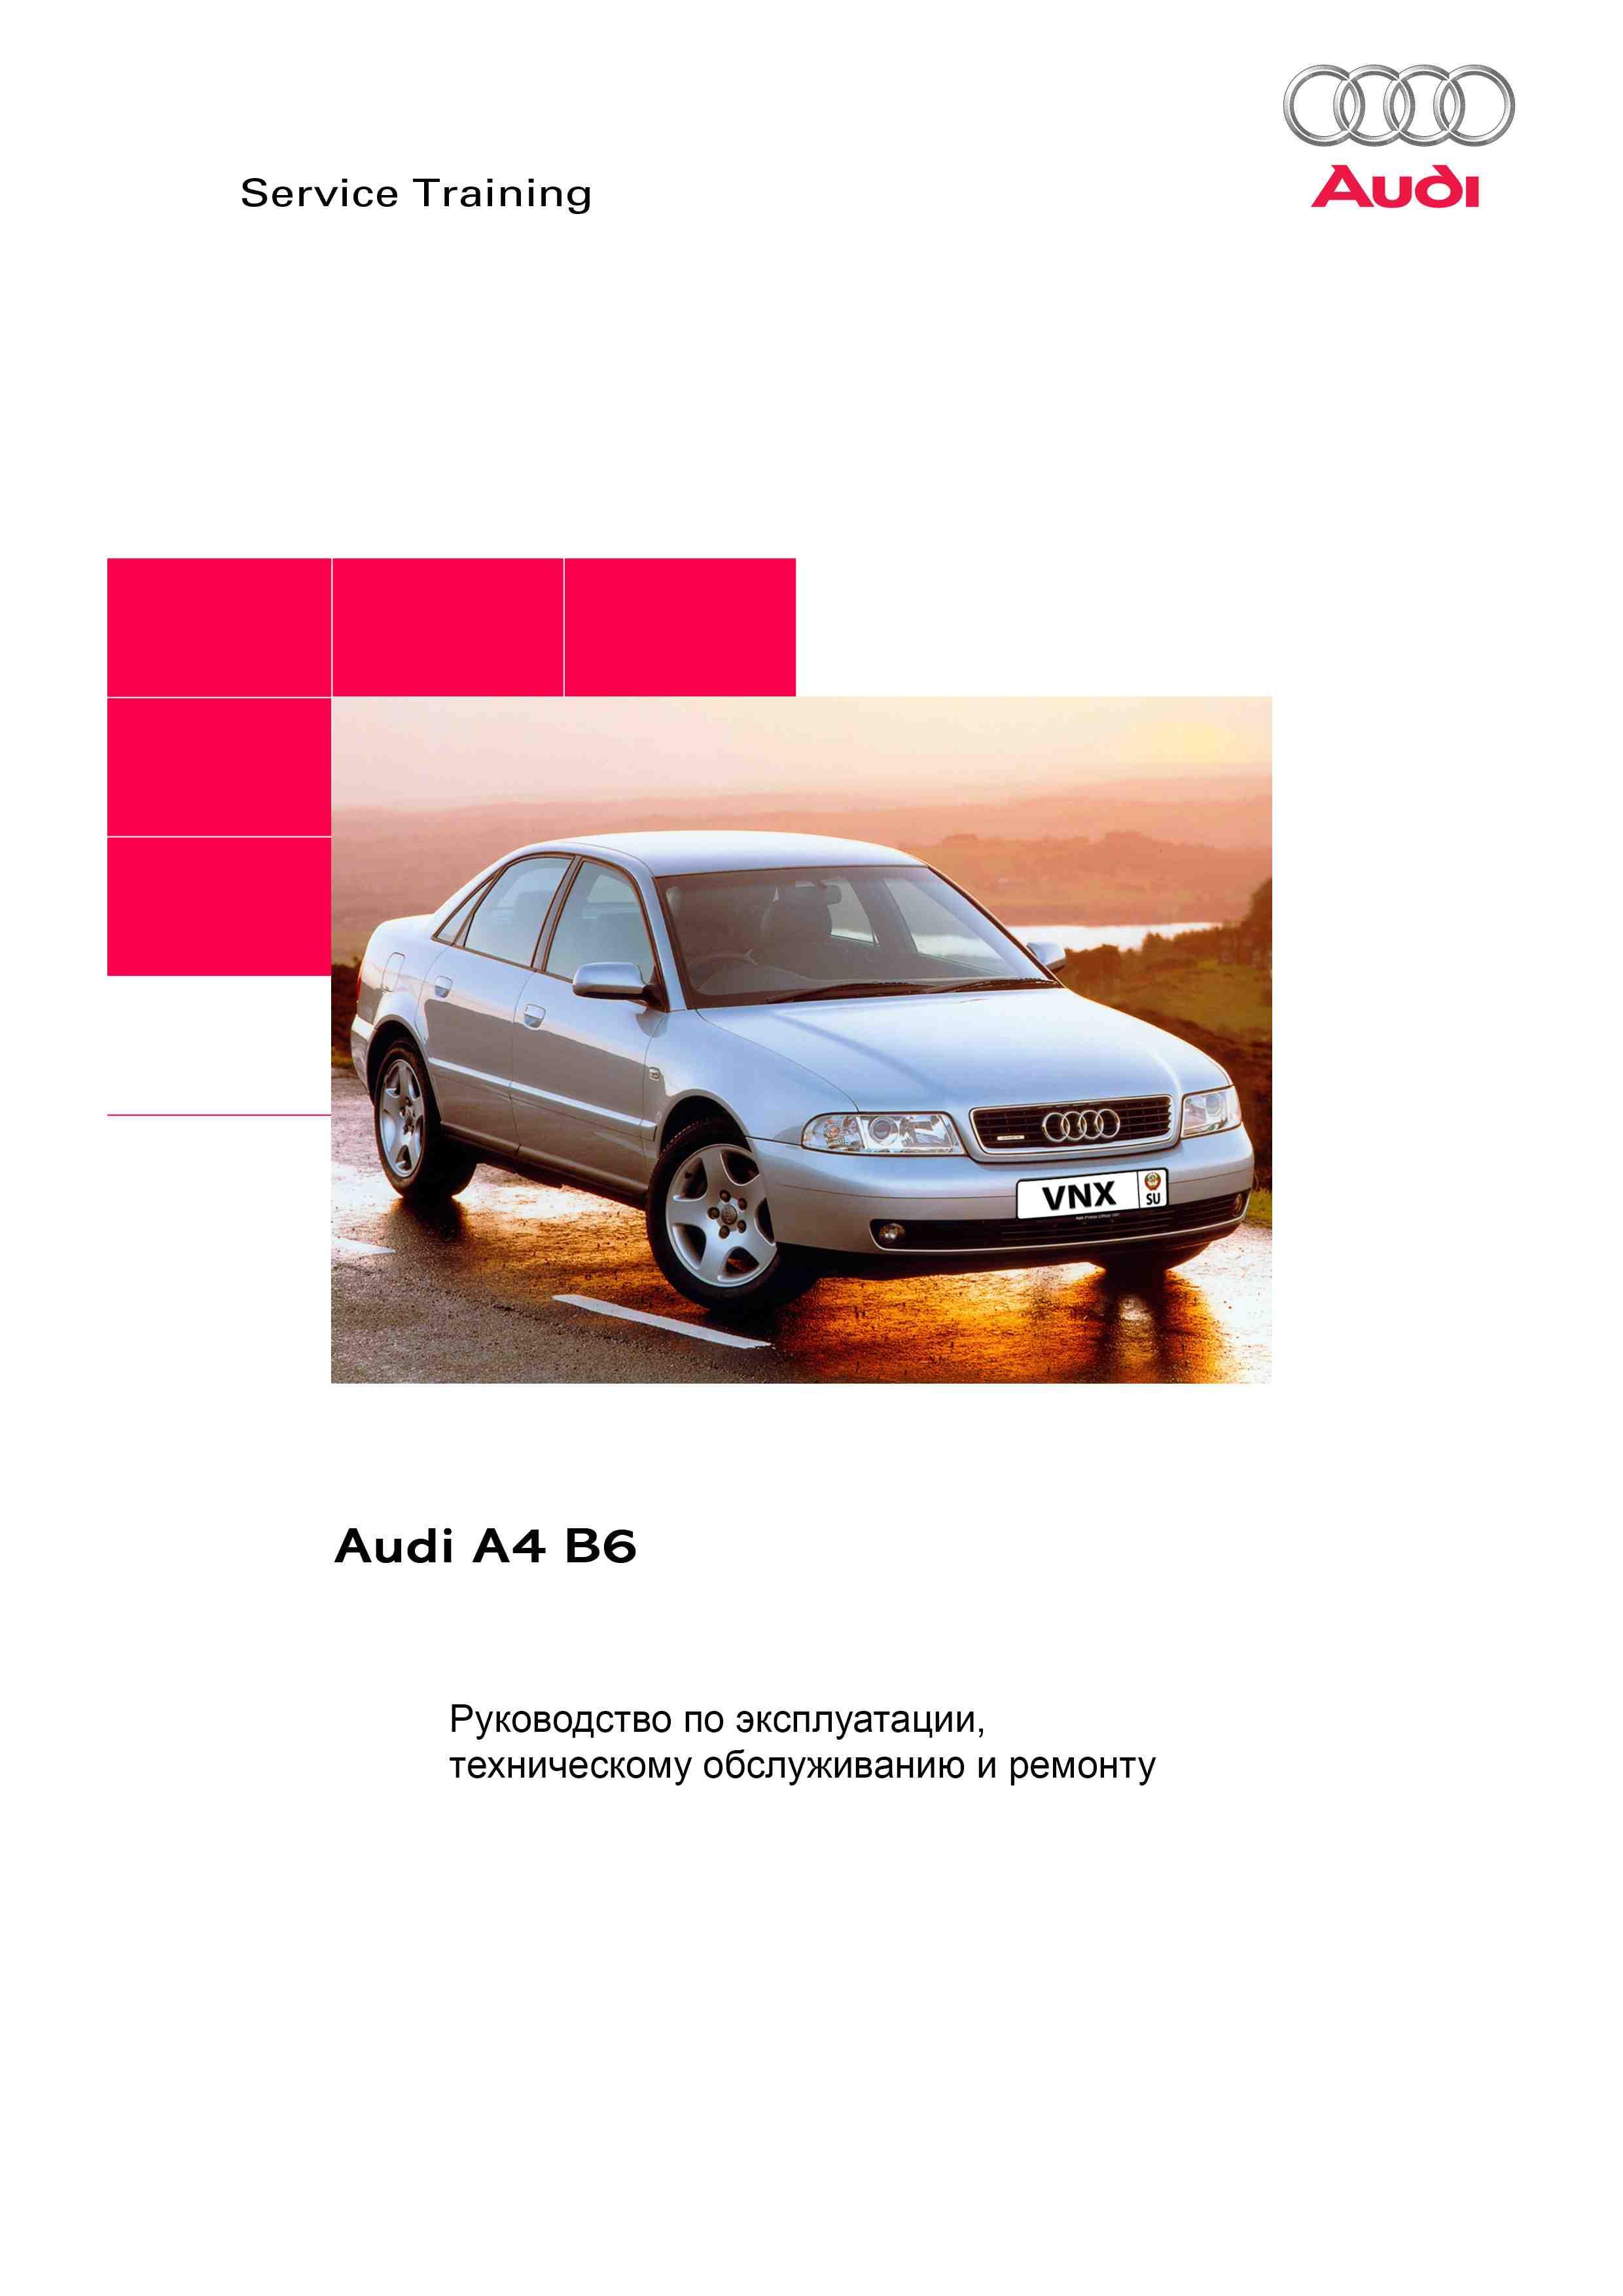 Руководство по эксплуатации, техническому обслуживанию и ремонту автомобилей Audi A4 обложка